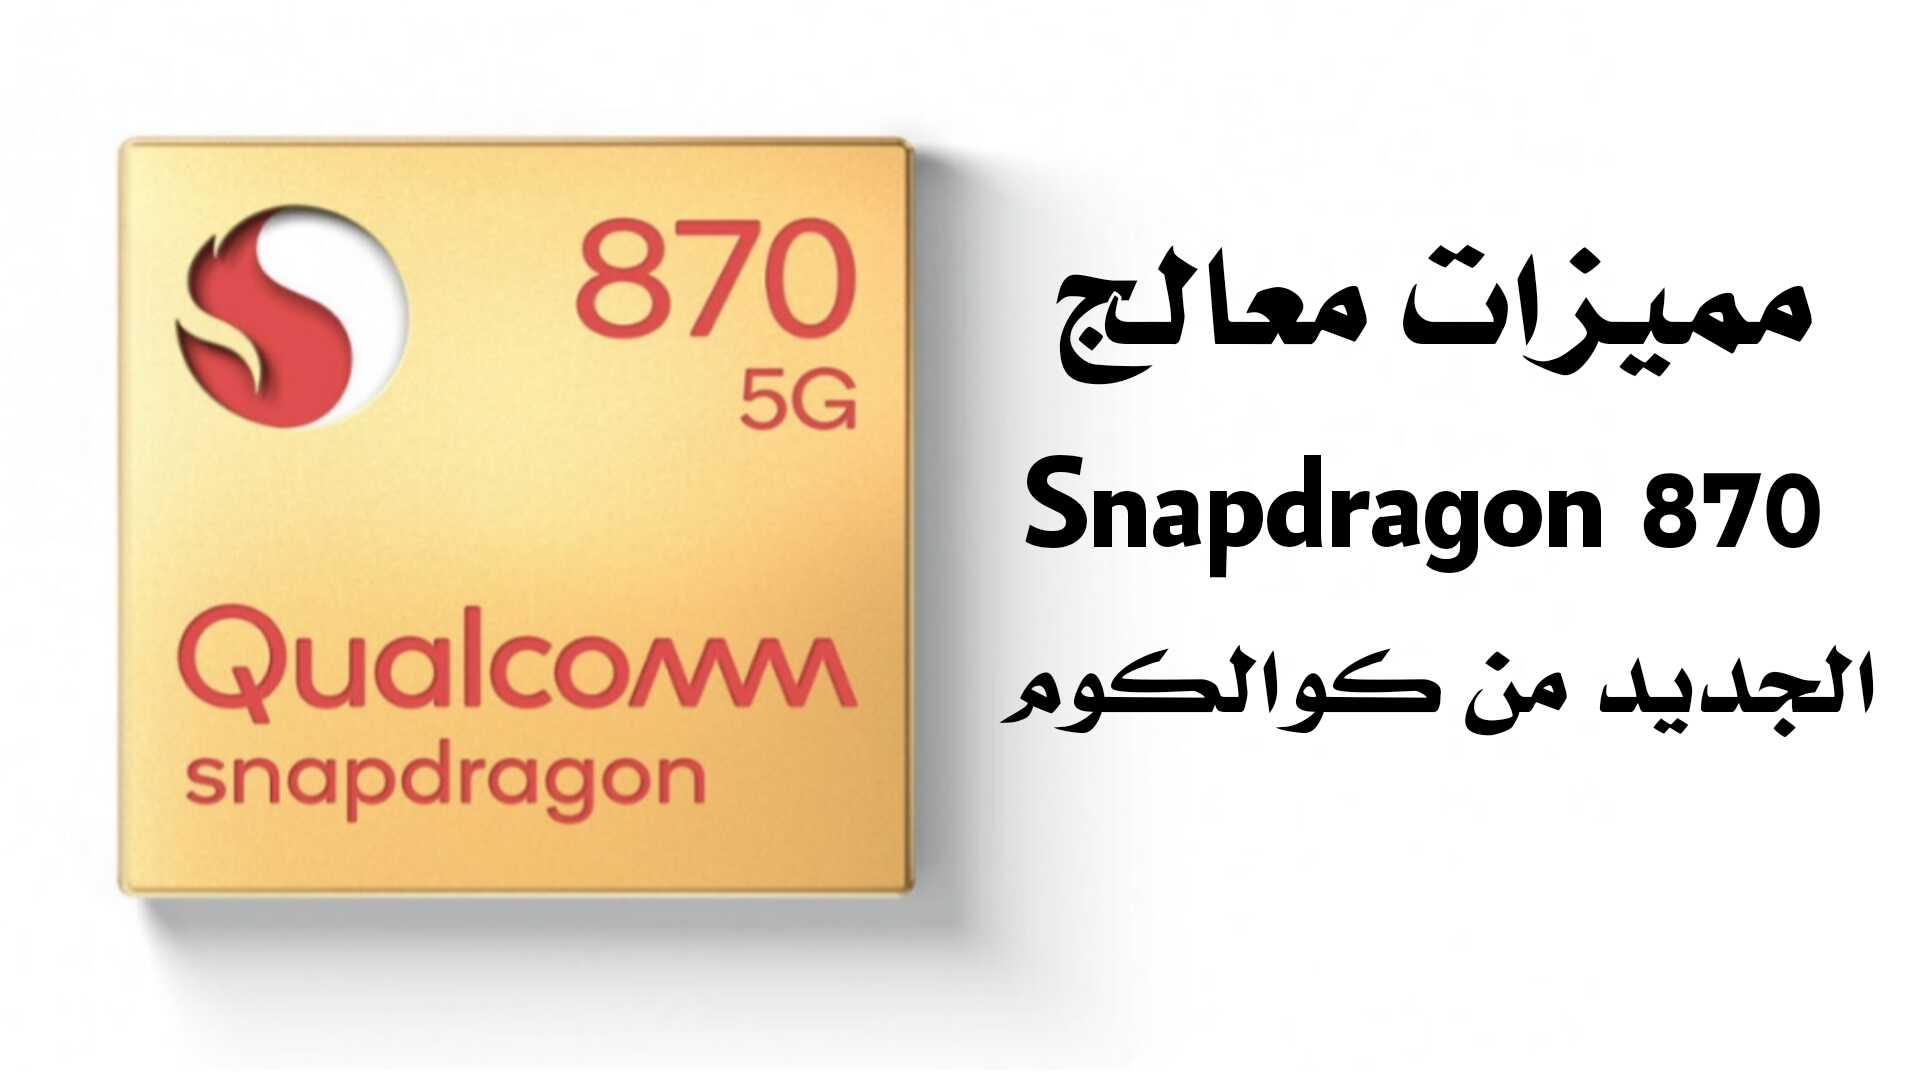 مميزات معالج Snapdragon 870 الجديد من Qualcomm لهواتف Android